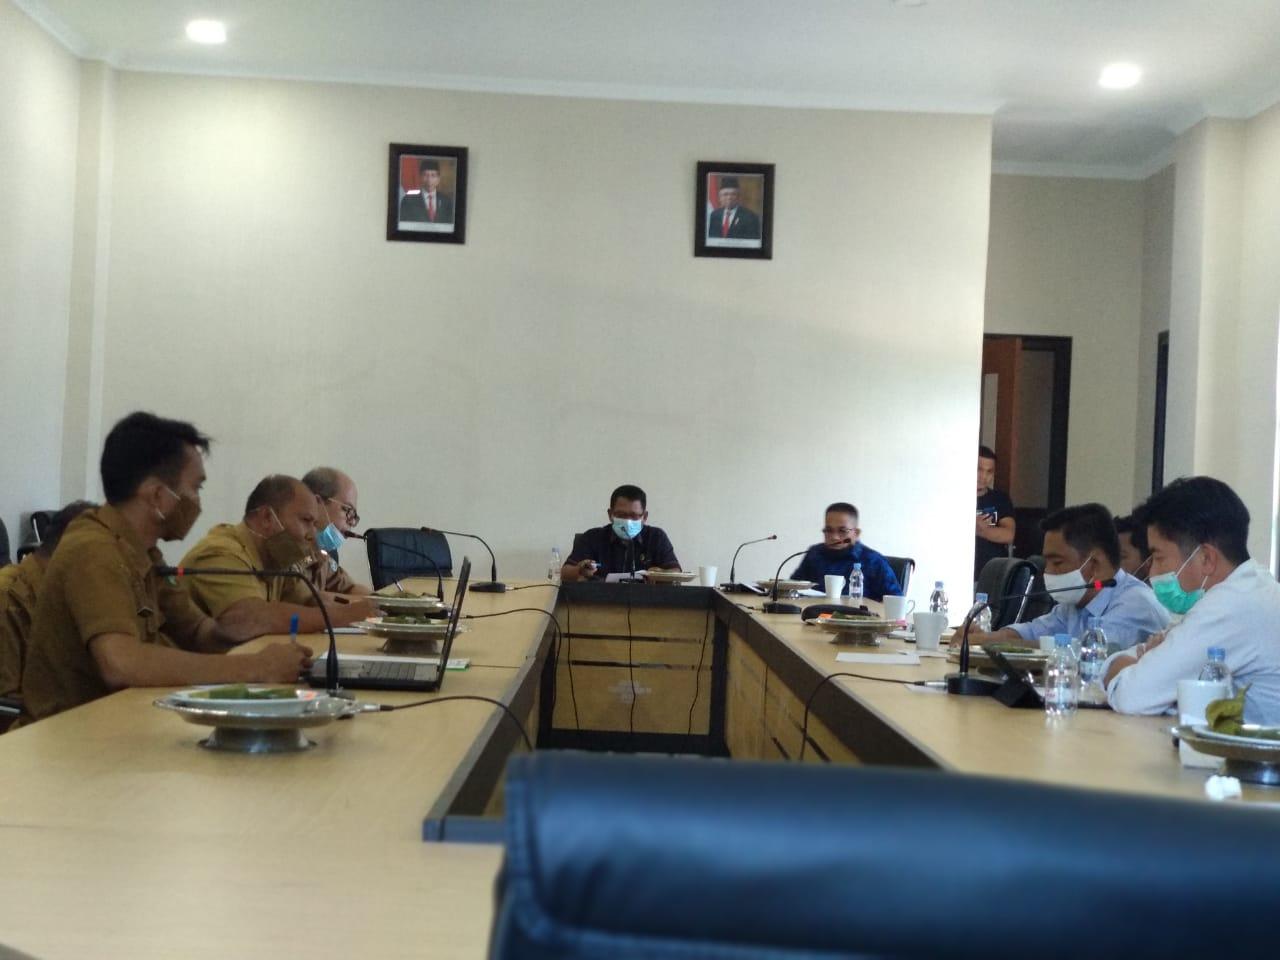 Aset Daerah Carut Marut, Dewan Akan Turun ke Lapangan